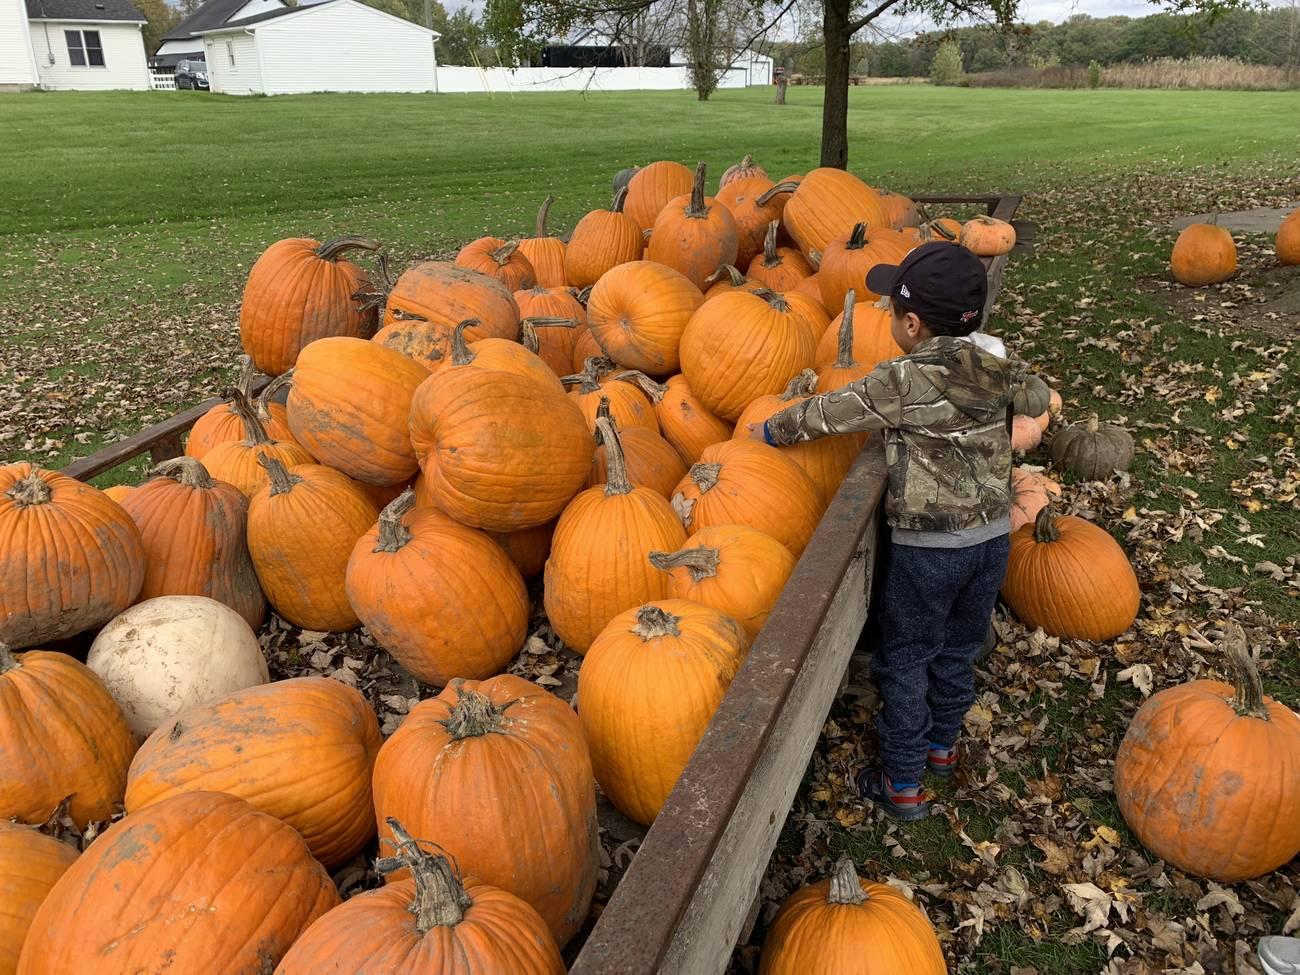 Jacob picks out a pumpkin